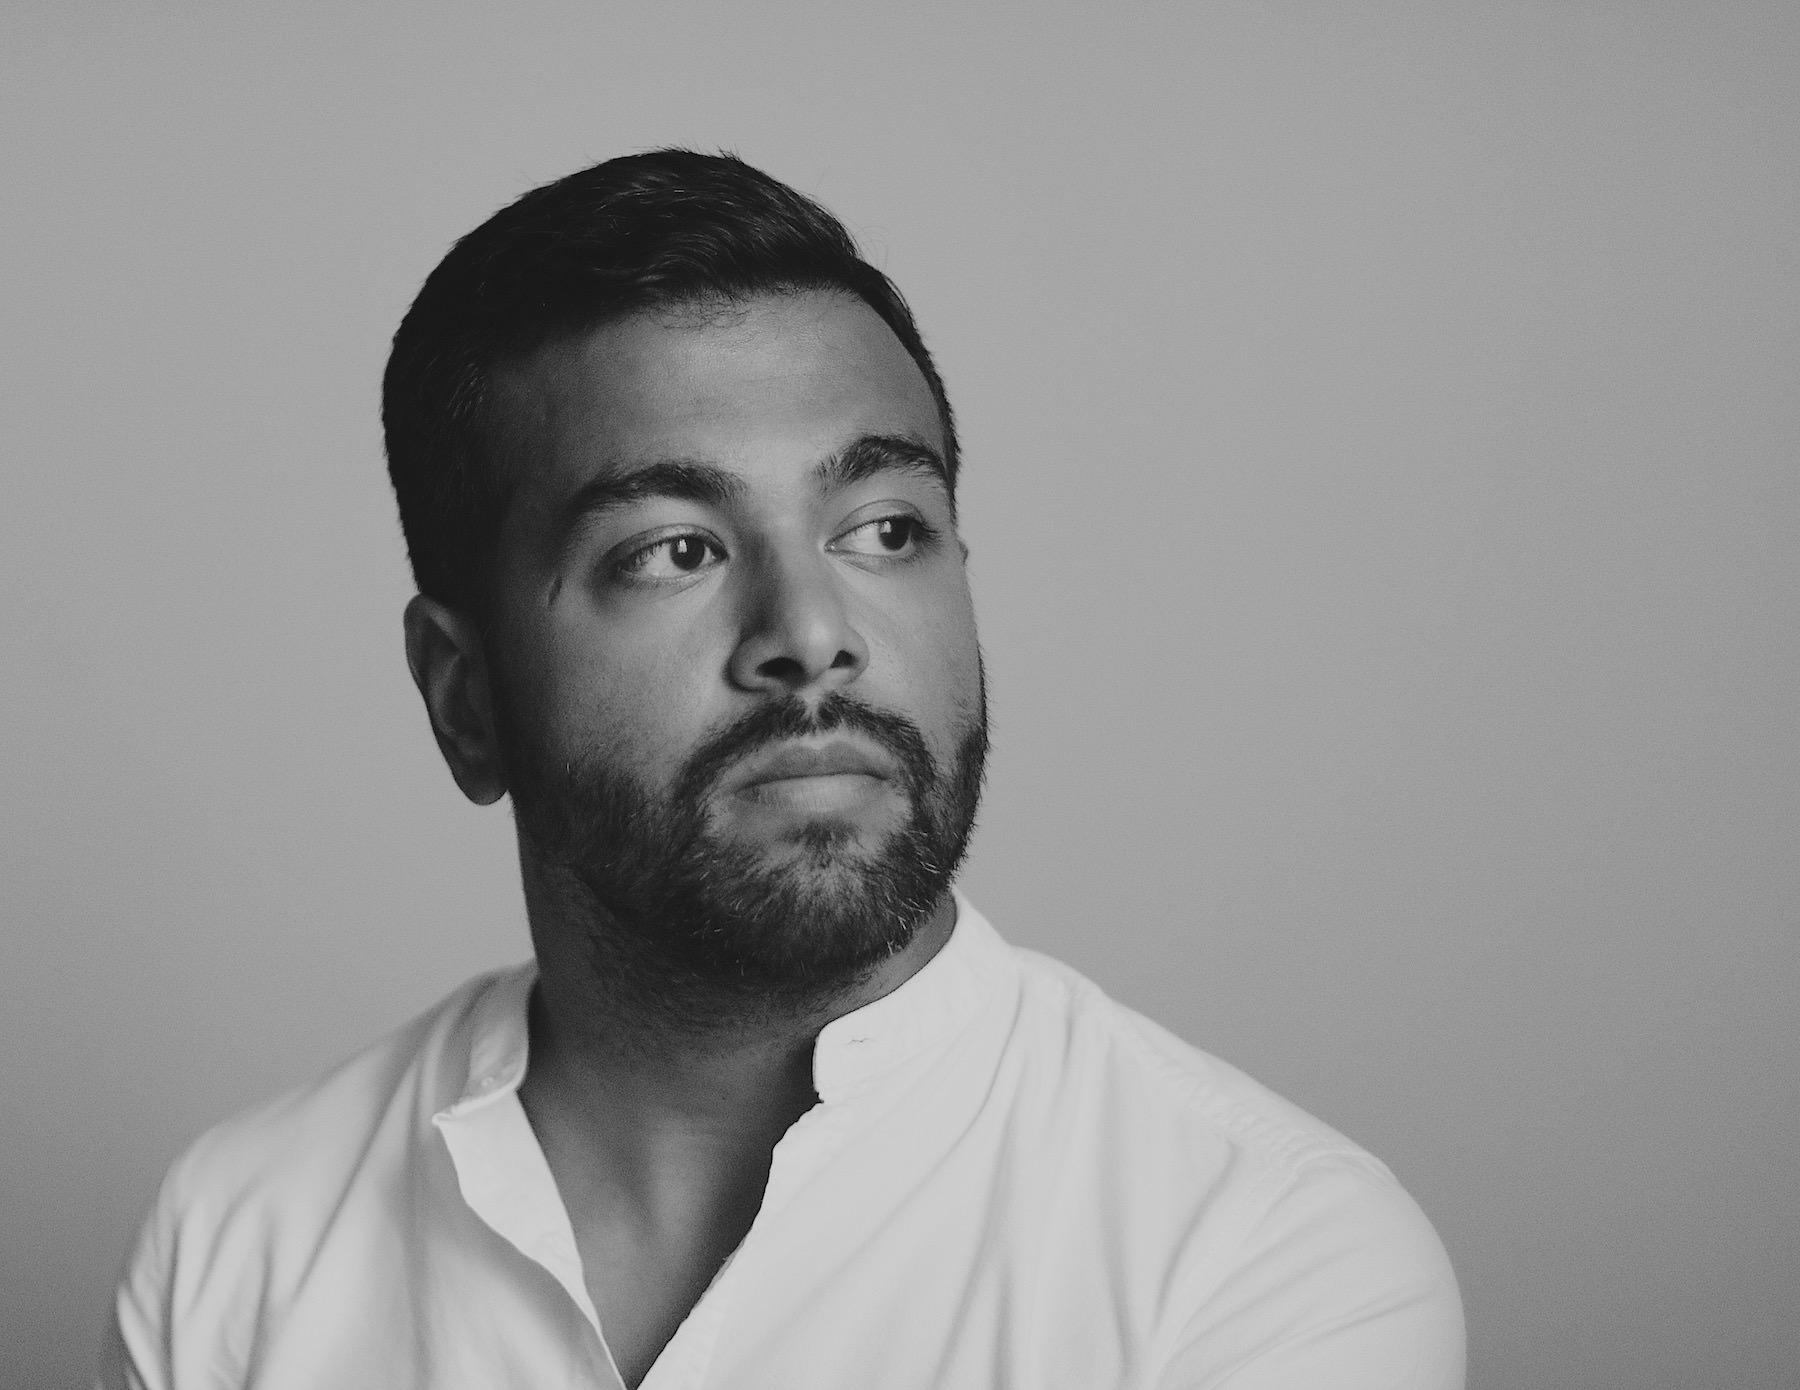 A profile picture of Koysor Abdul. Web designer and developer.